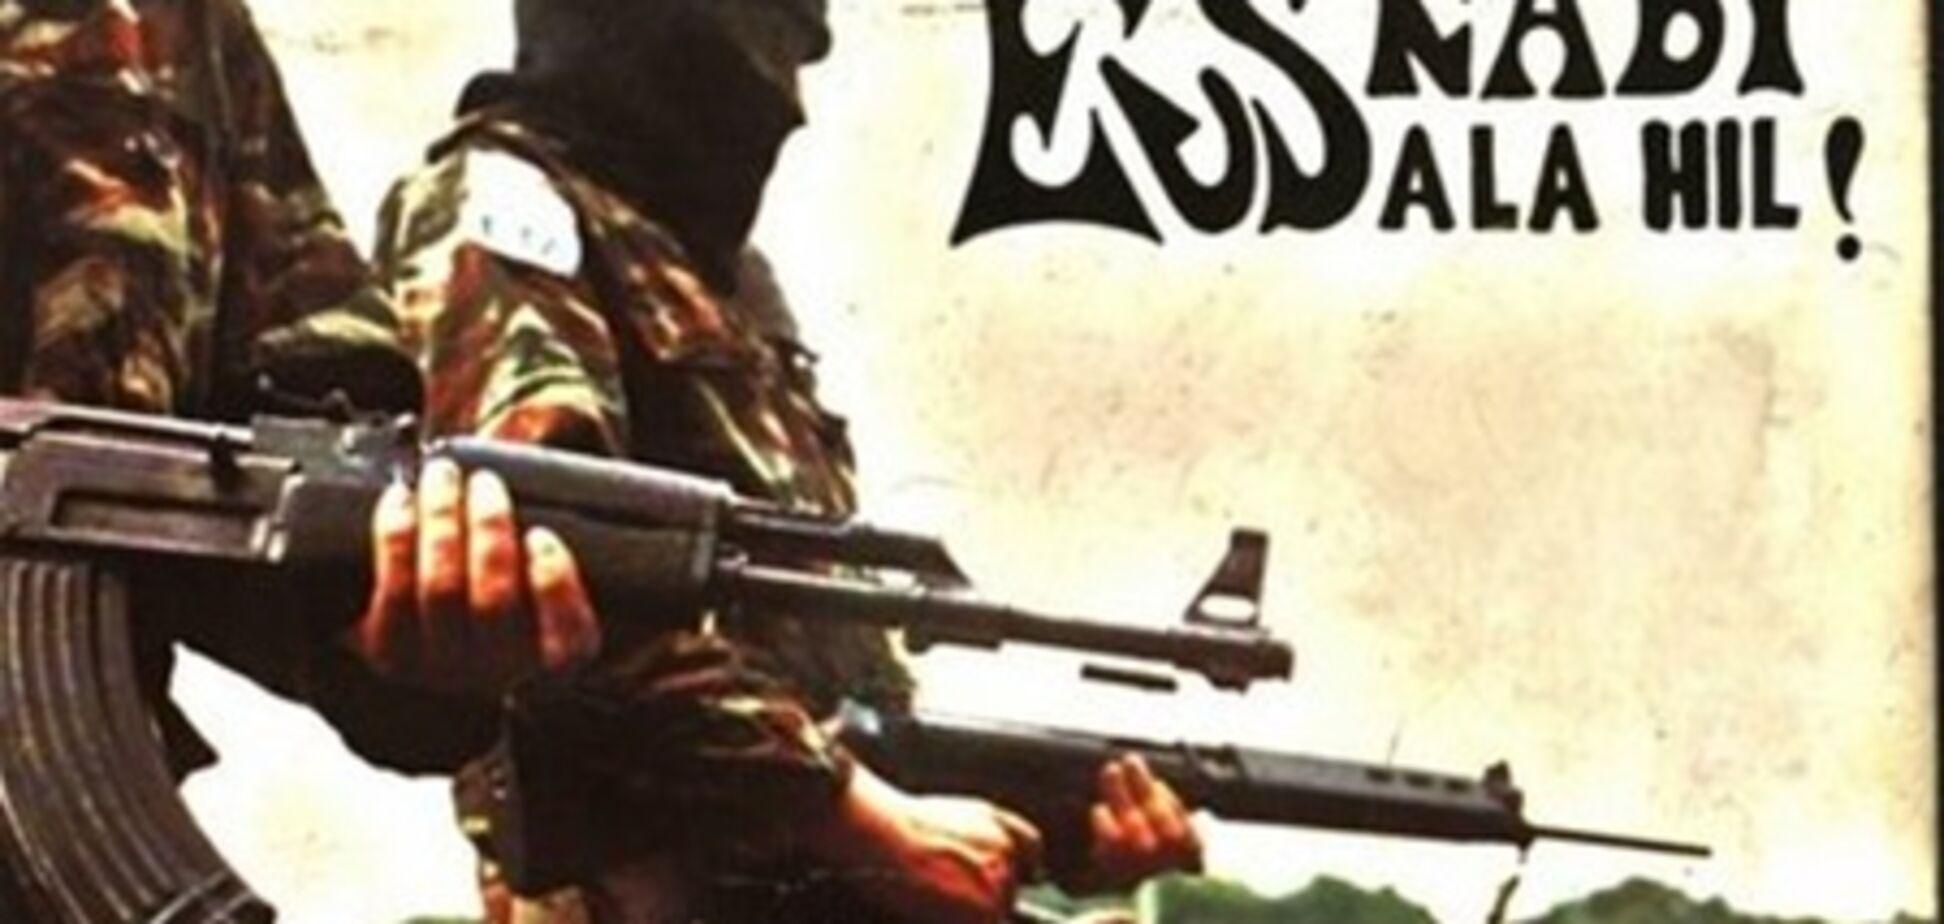 Взрыв прогремел у штаб-квартиры испанской консервативной партии